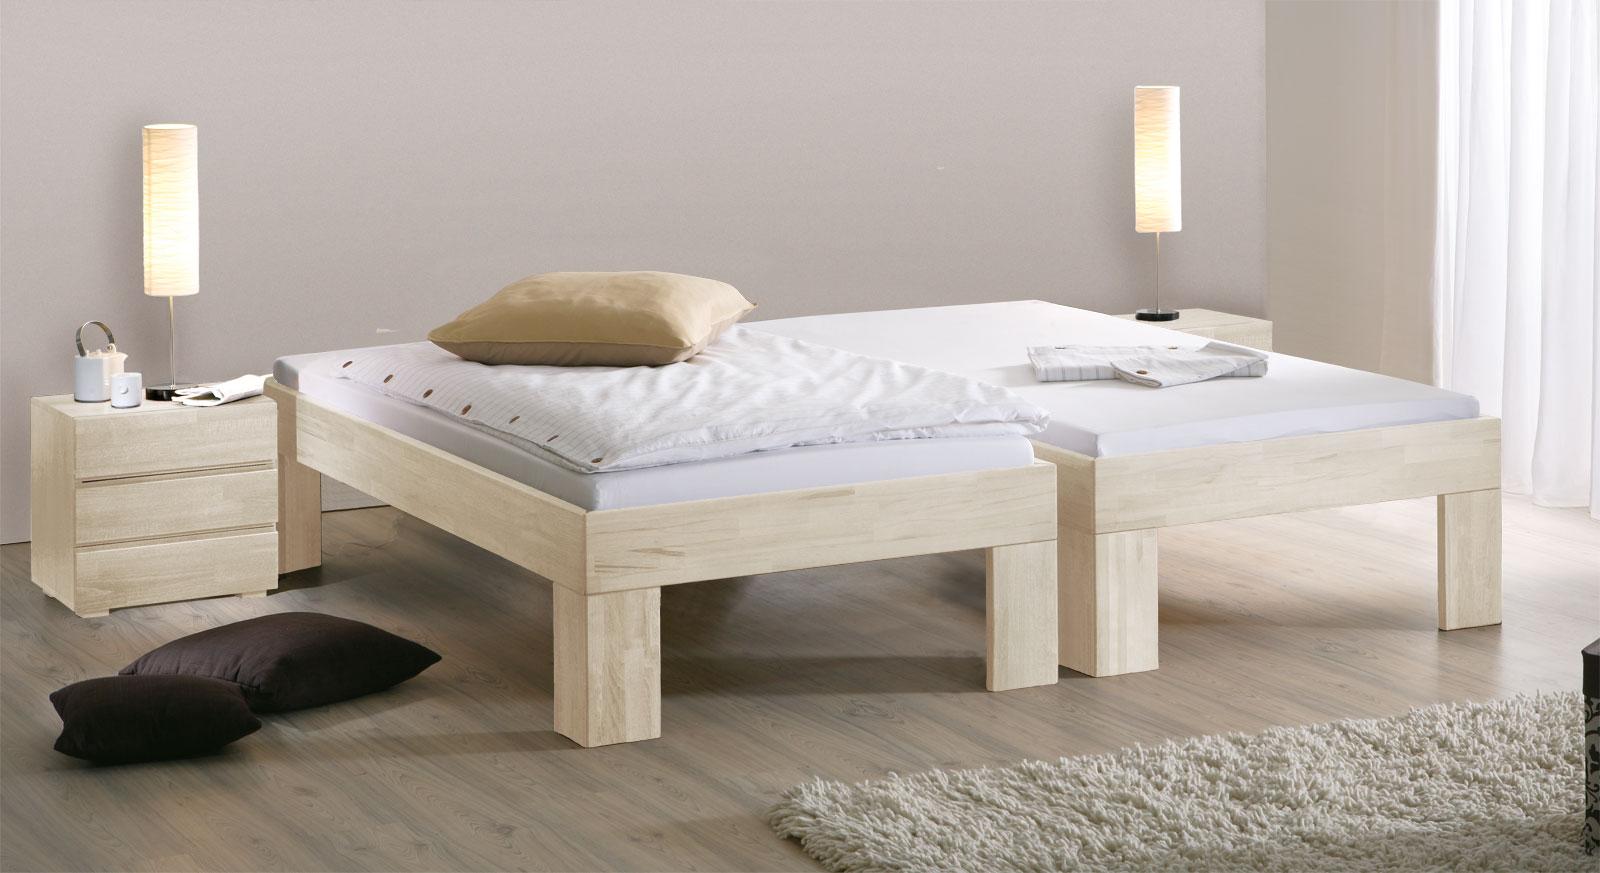 Bett Lucca Komfort mit 30cm hohen Füßen in Weiss